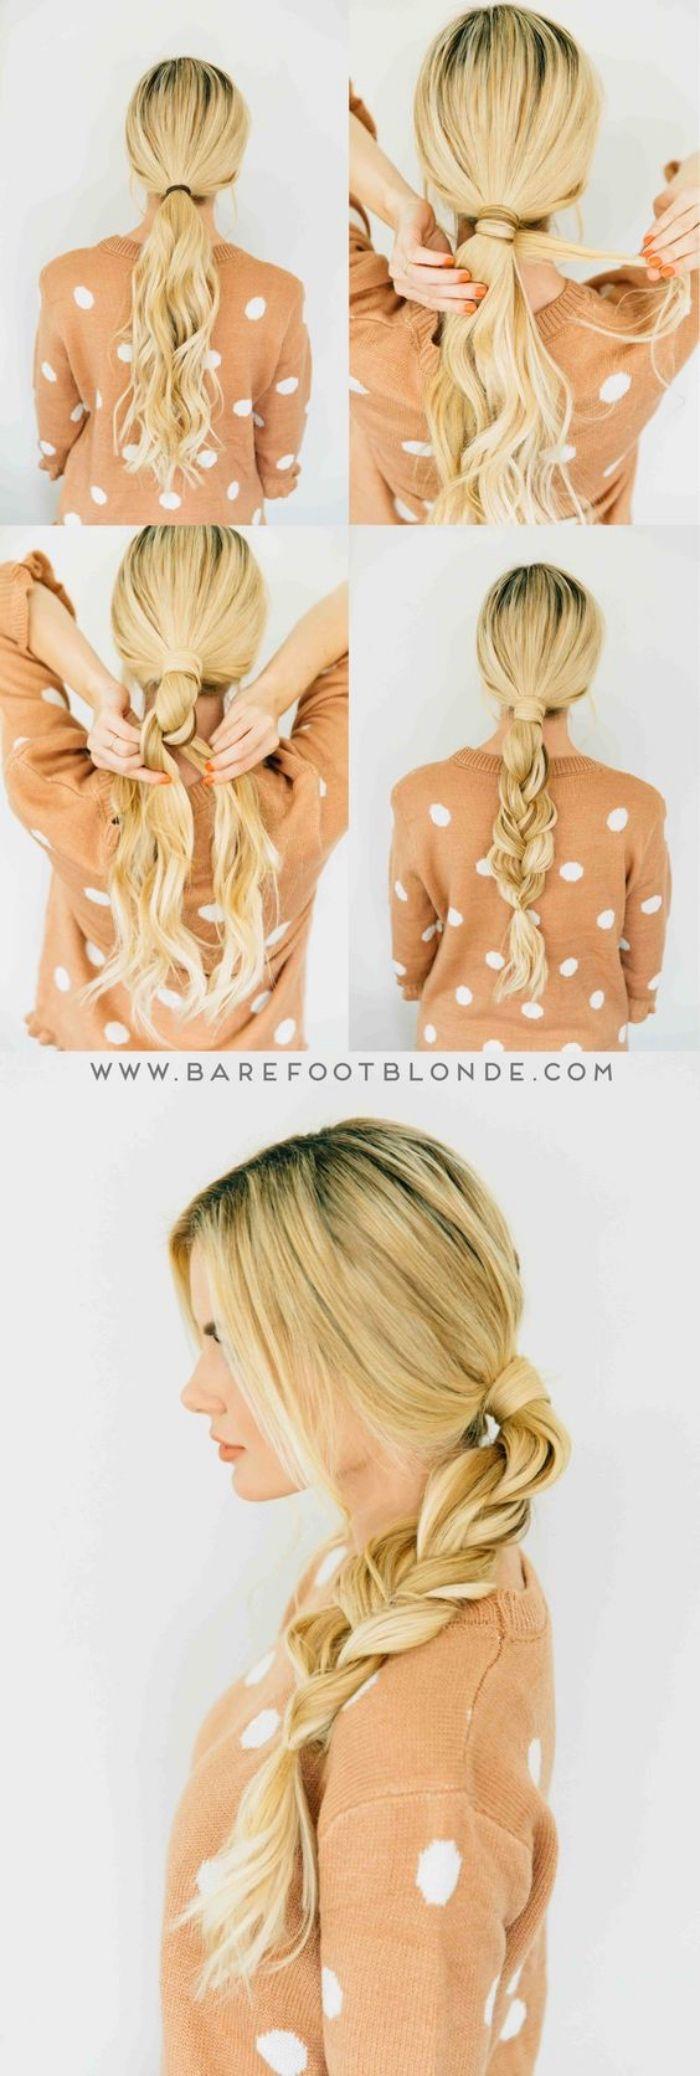 tutos et idées de coiffure facile à faire soimême